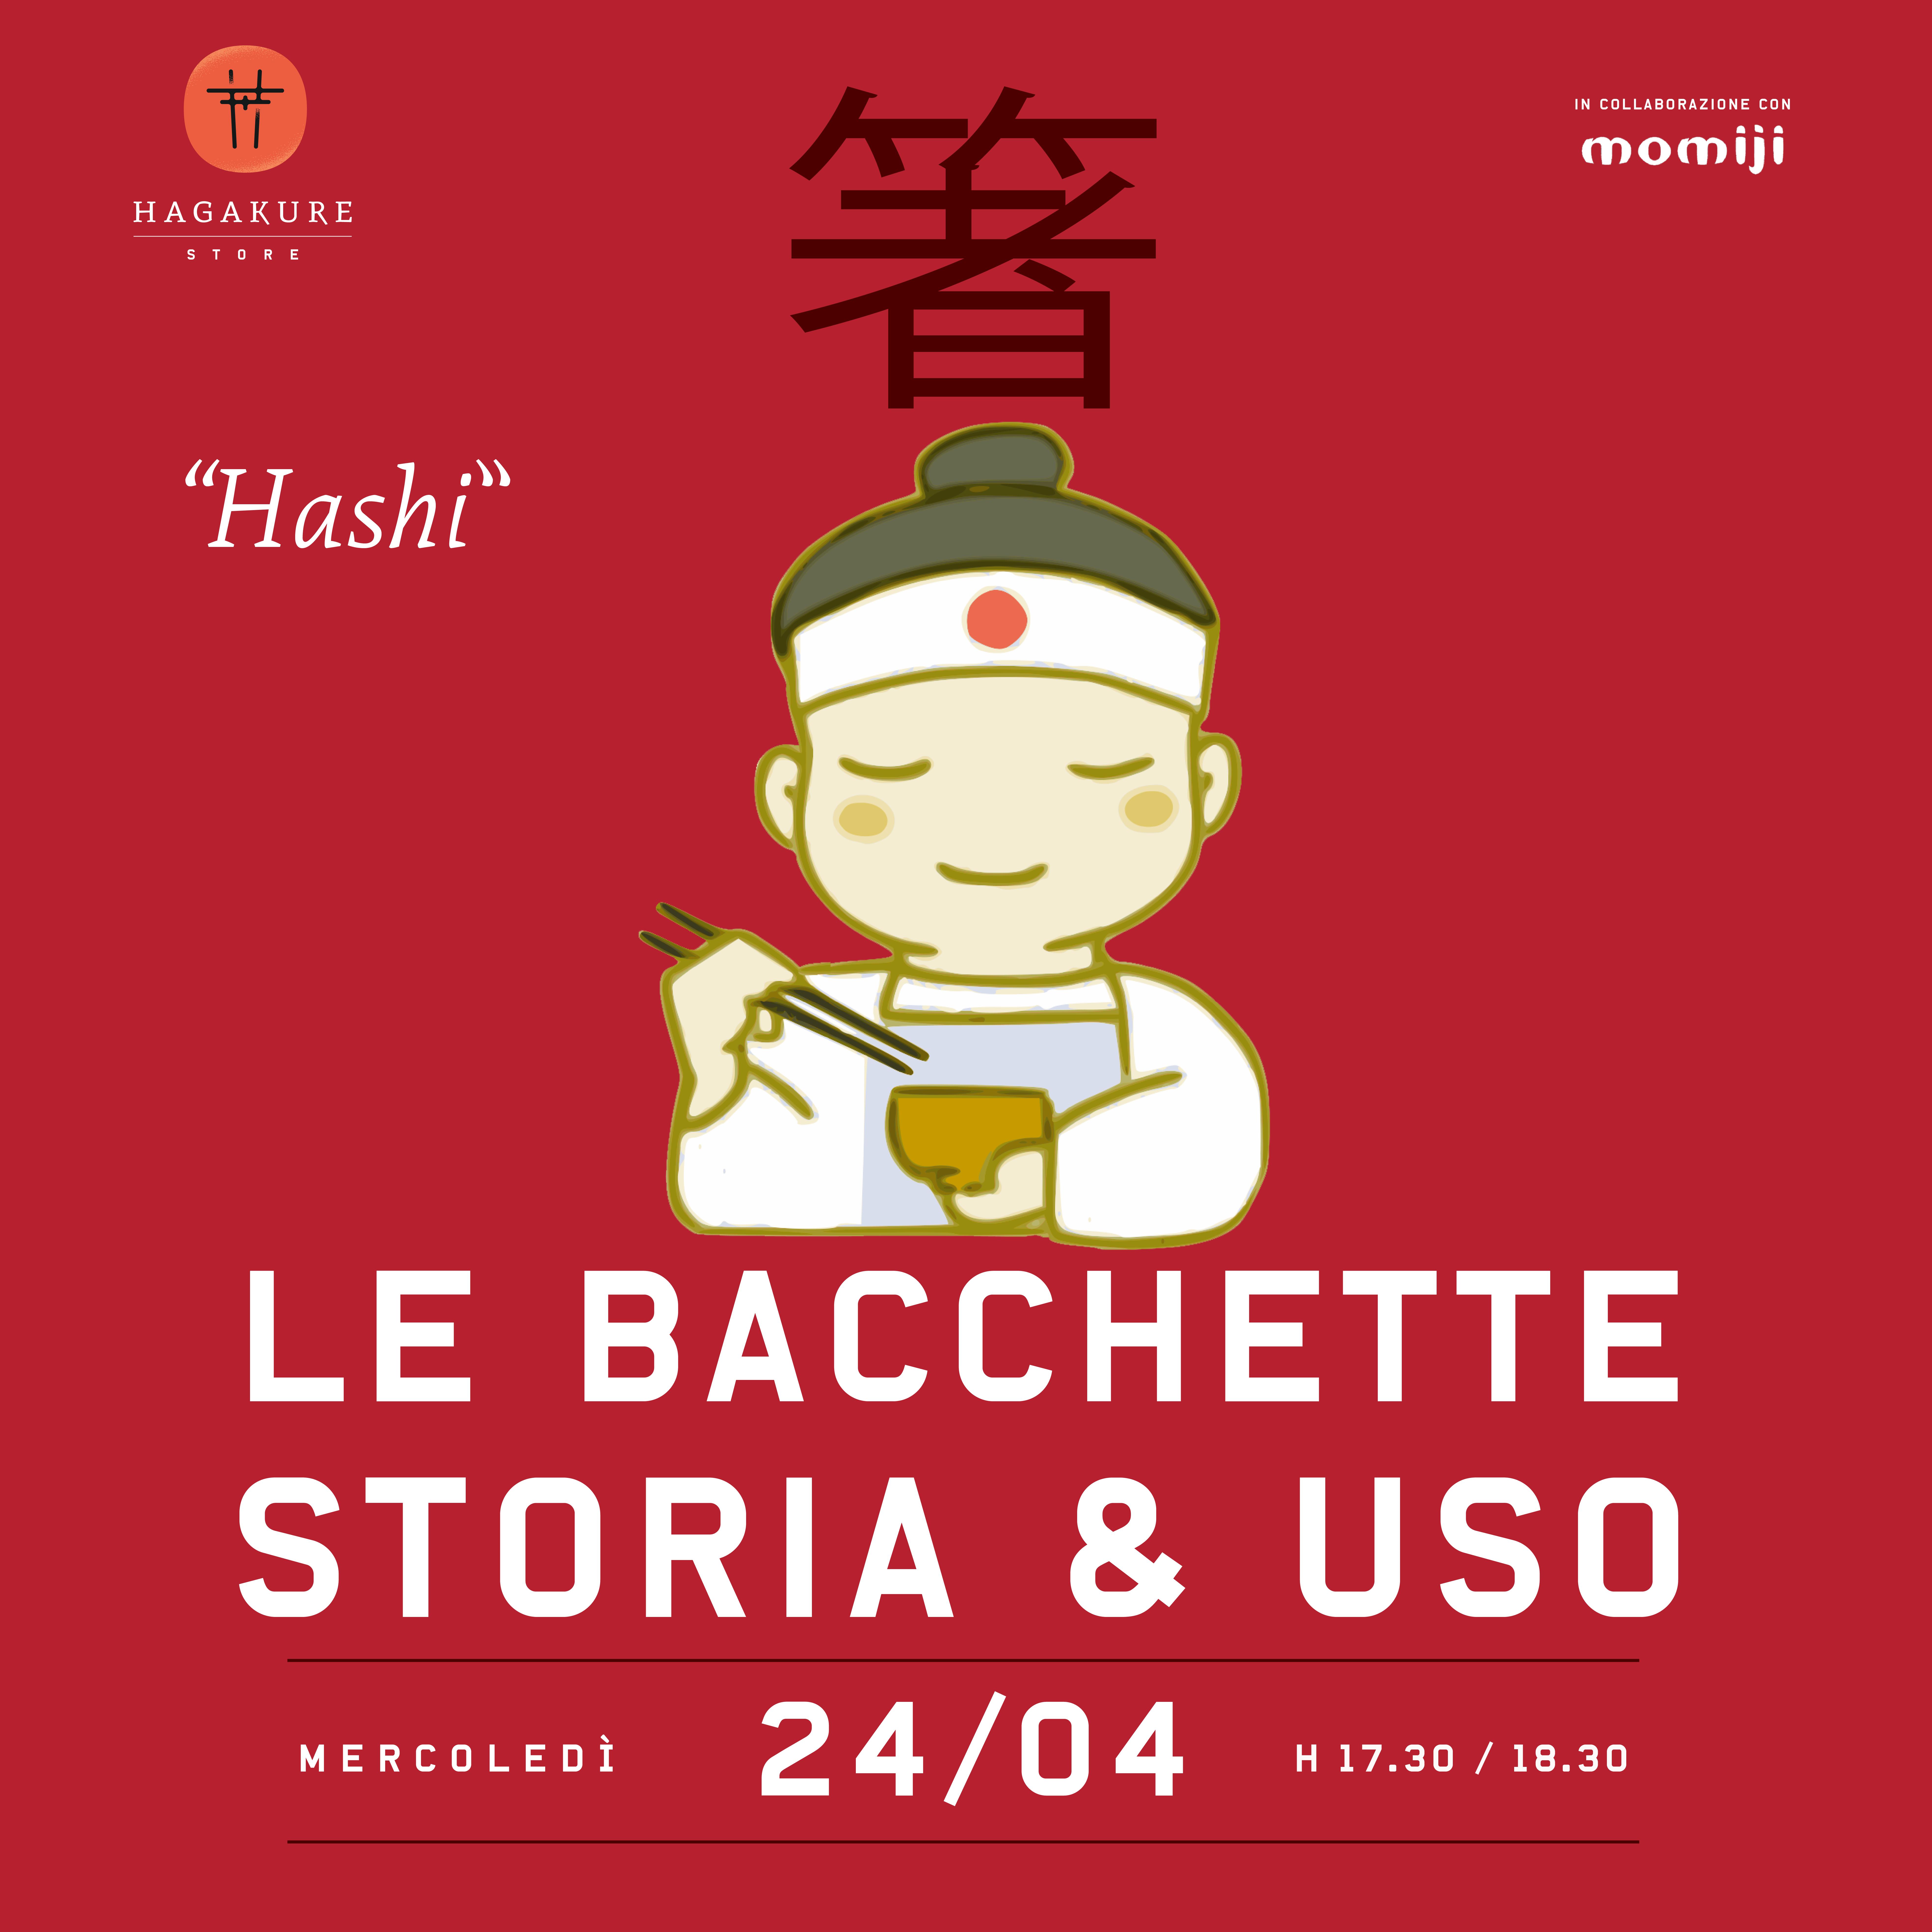 LE BACCHETTE - STORIA & USO